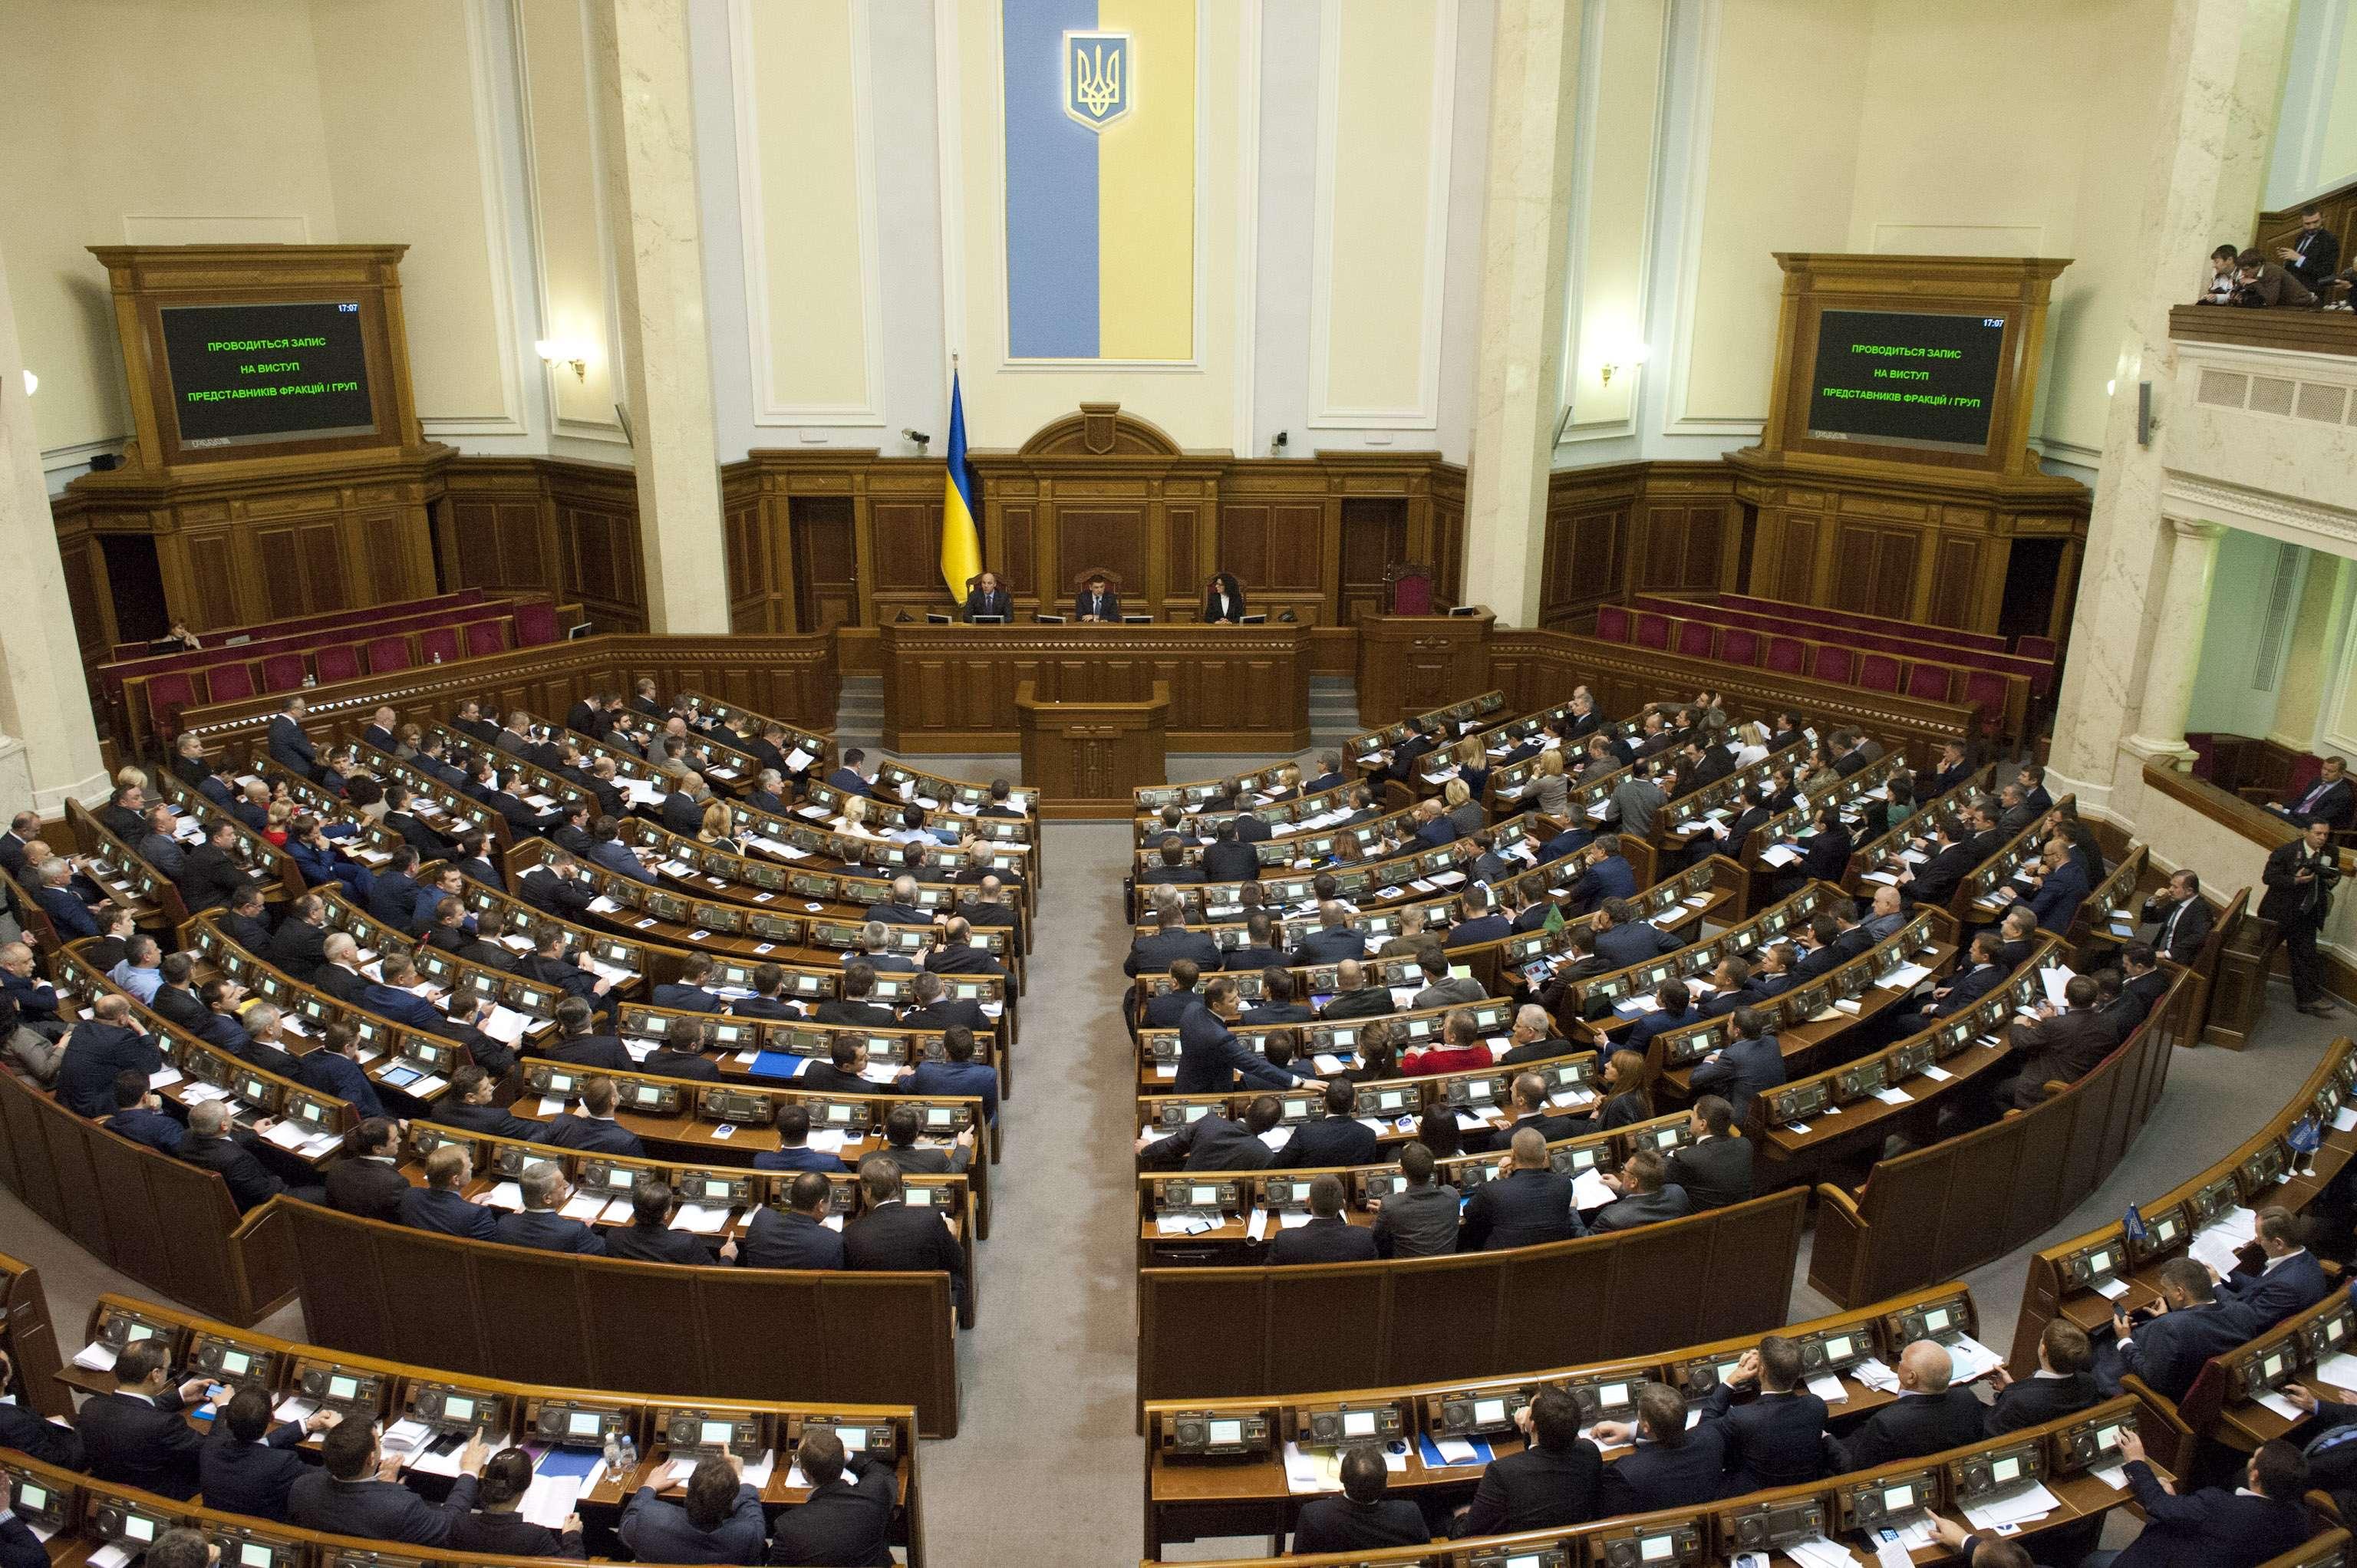 Рада приняла стратегию экологической политики Украины до 2030 года